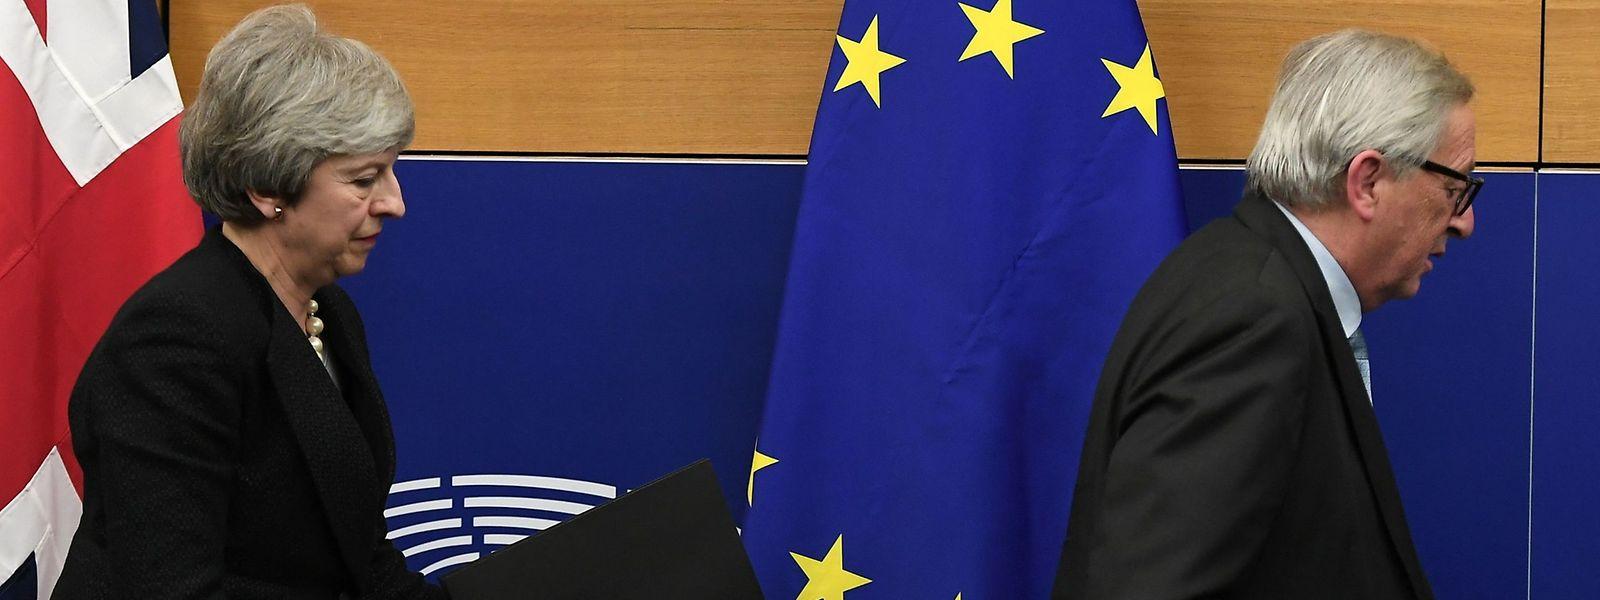 Theresa May et Jean-Claude Juncker lors d'une conférence de presse commune à Strasbourg dans la nuit de mardi